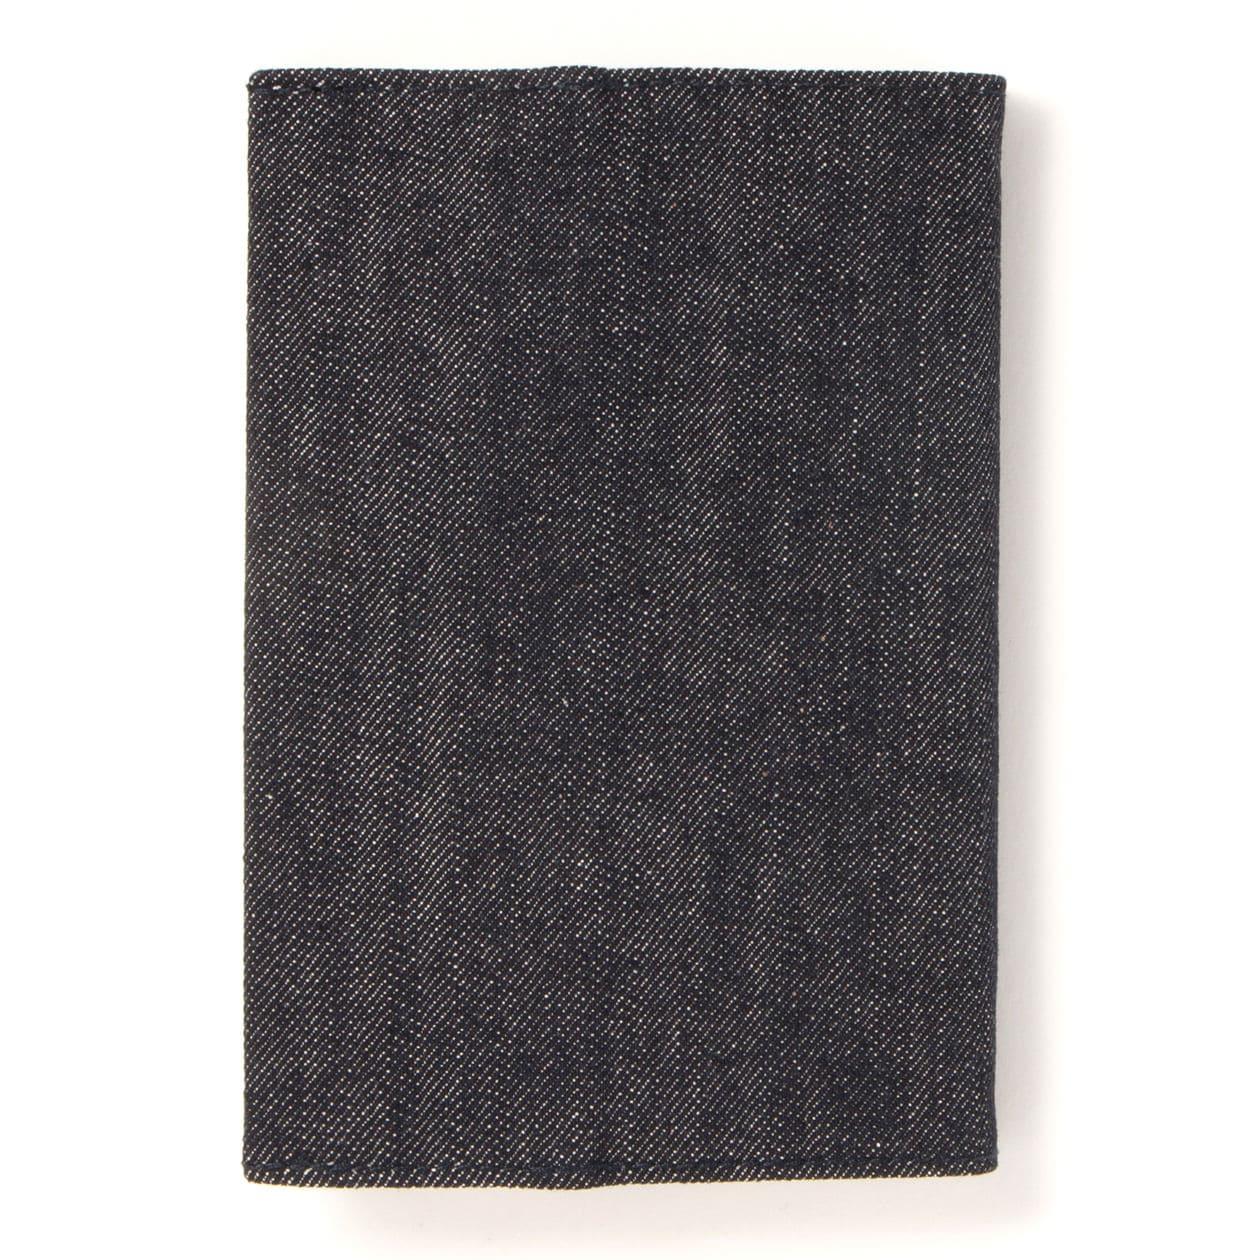 デニム文庫本カバー 約高さ16.3×幅最長29.5cm